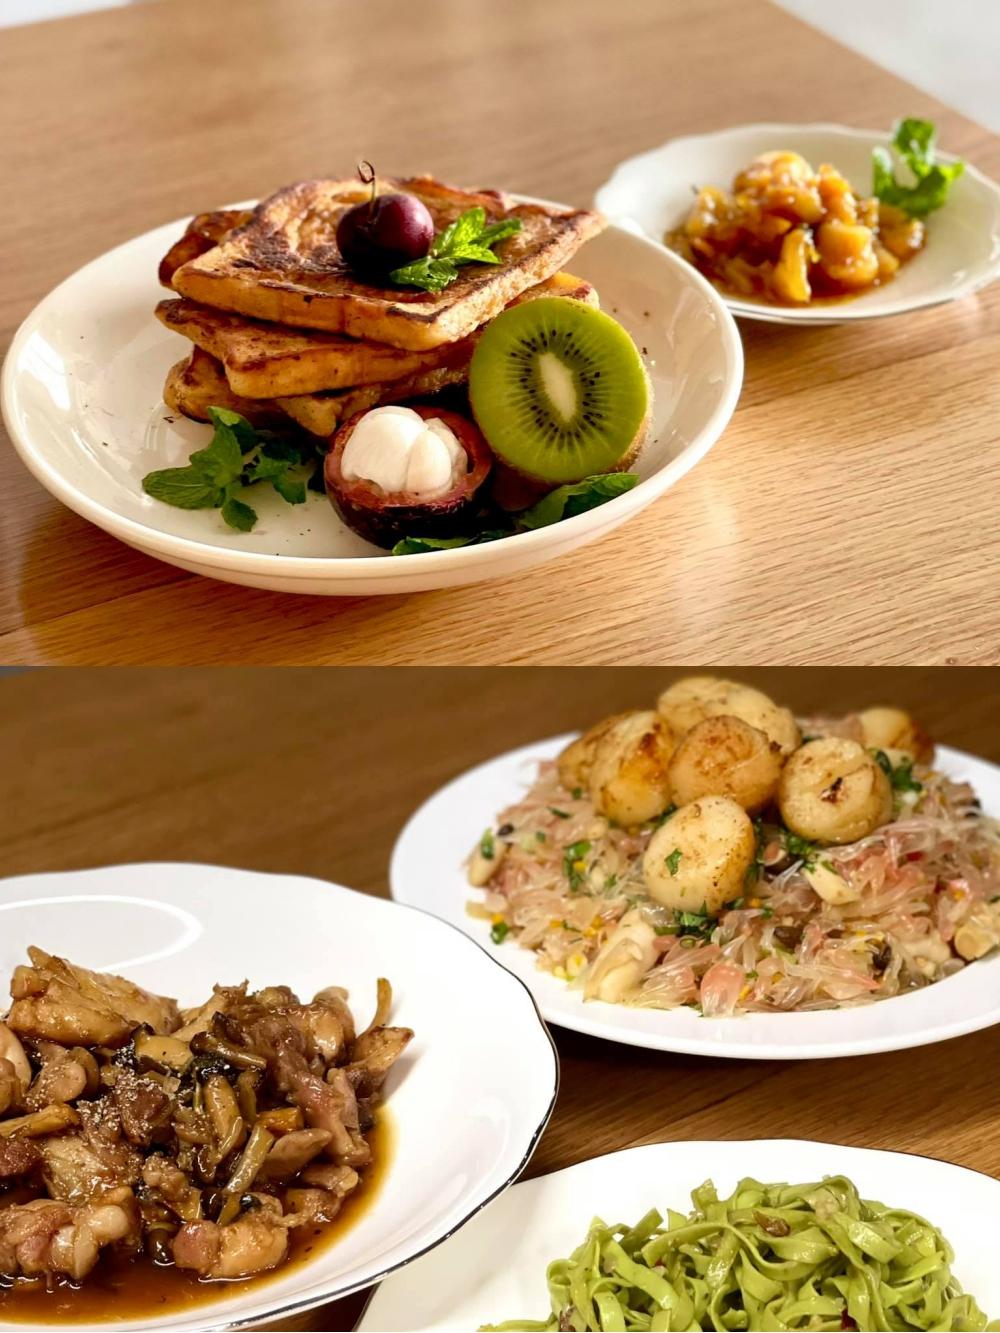 Một số món ăn đẹp mắt do anh Sơn tự nấu trong những ngày giãn cách. Ảnh: NVCC.